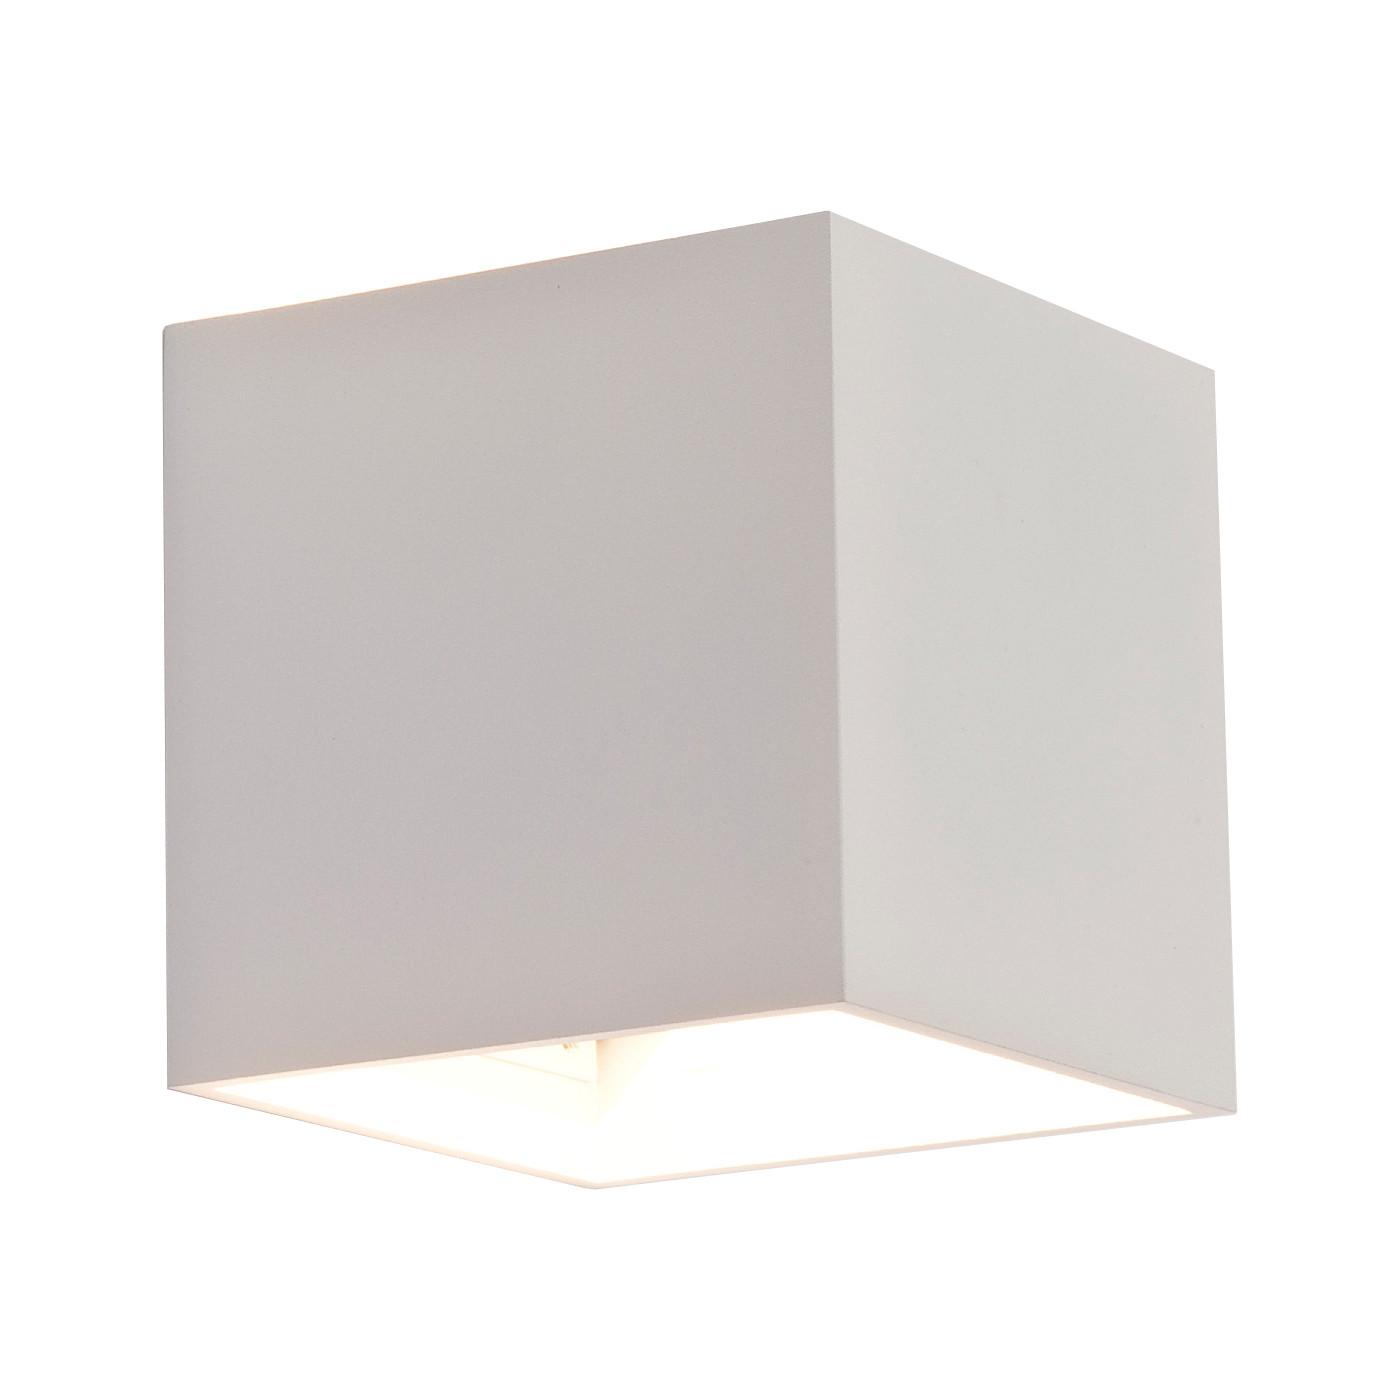 Wever & Ducré Box 2.0 2700K Wall Light